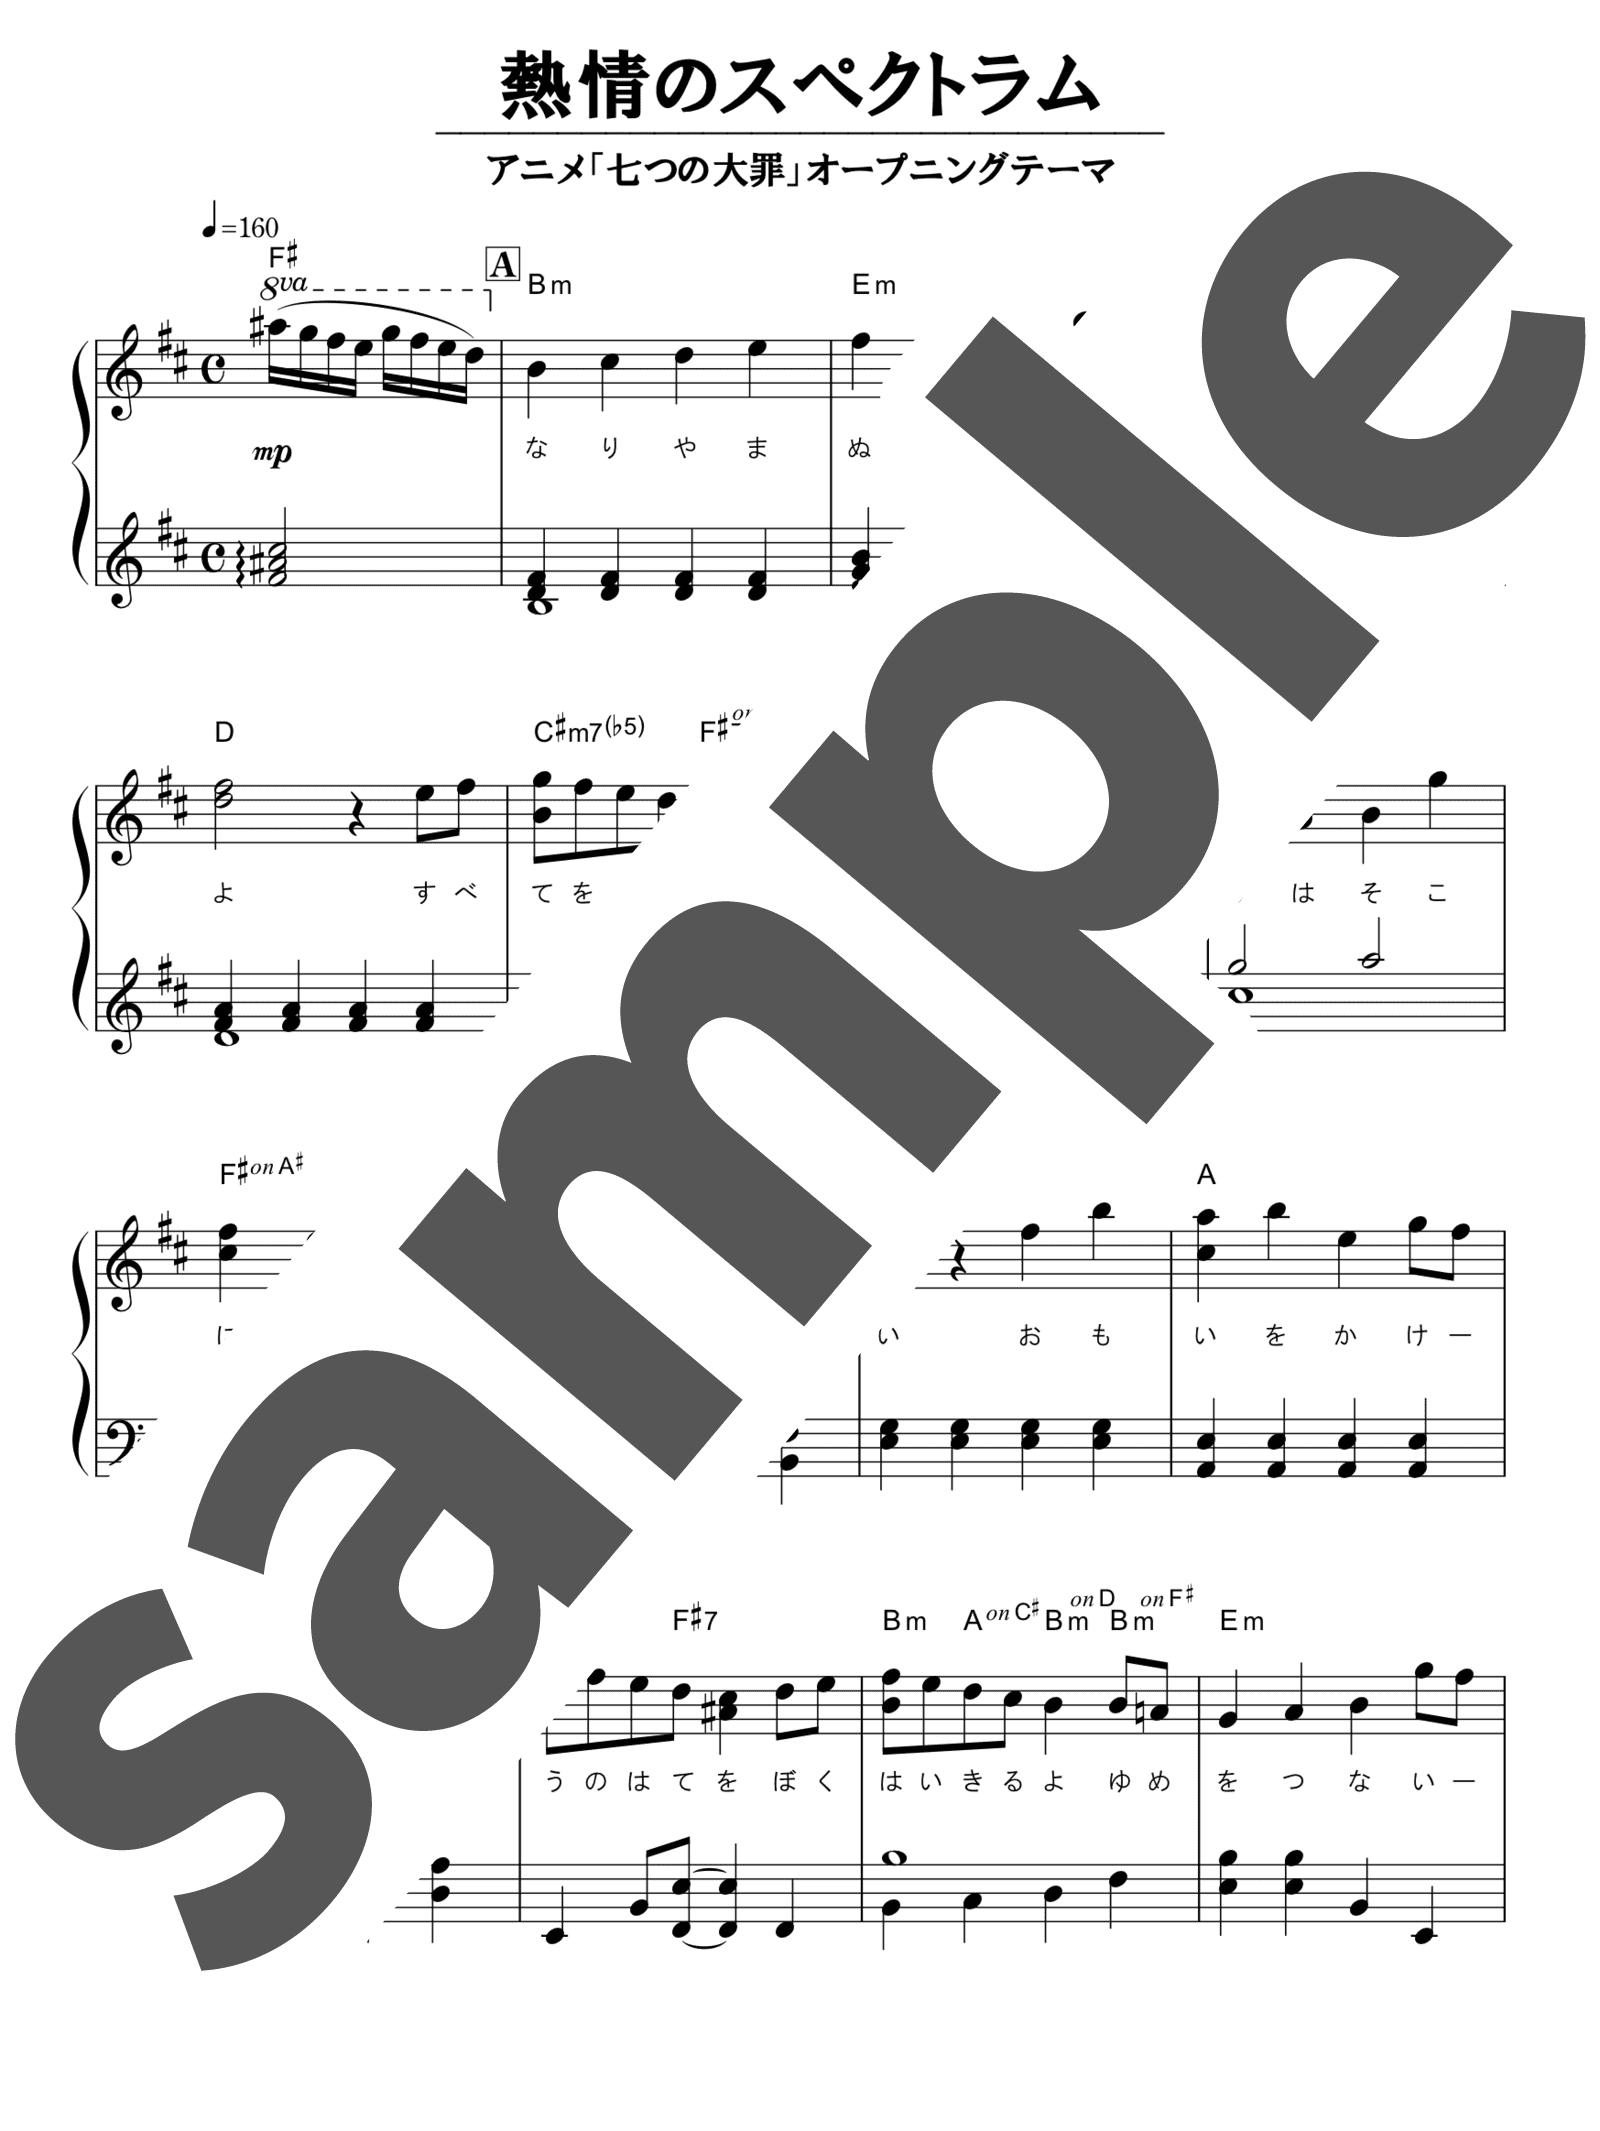 「熱情のスペクトラム」のサンプル楽譜